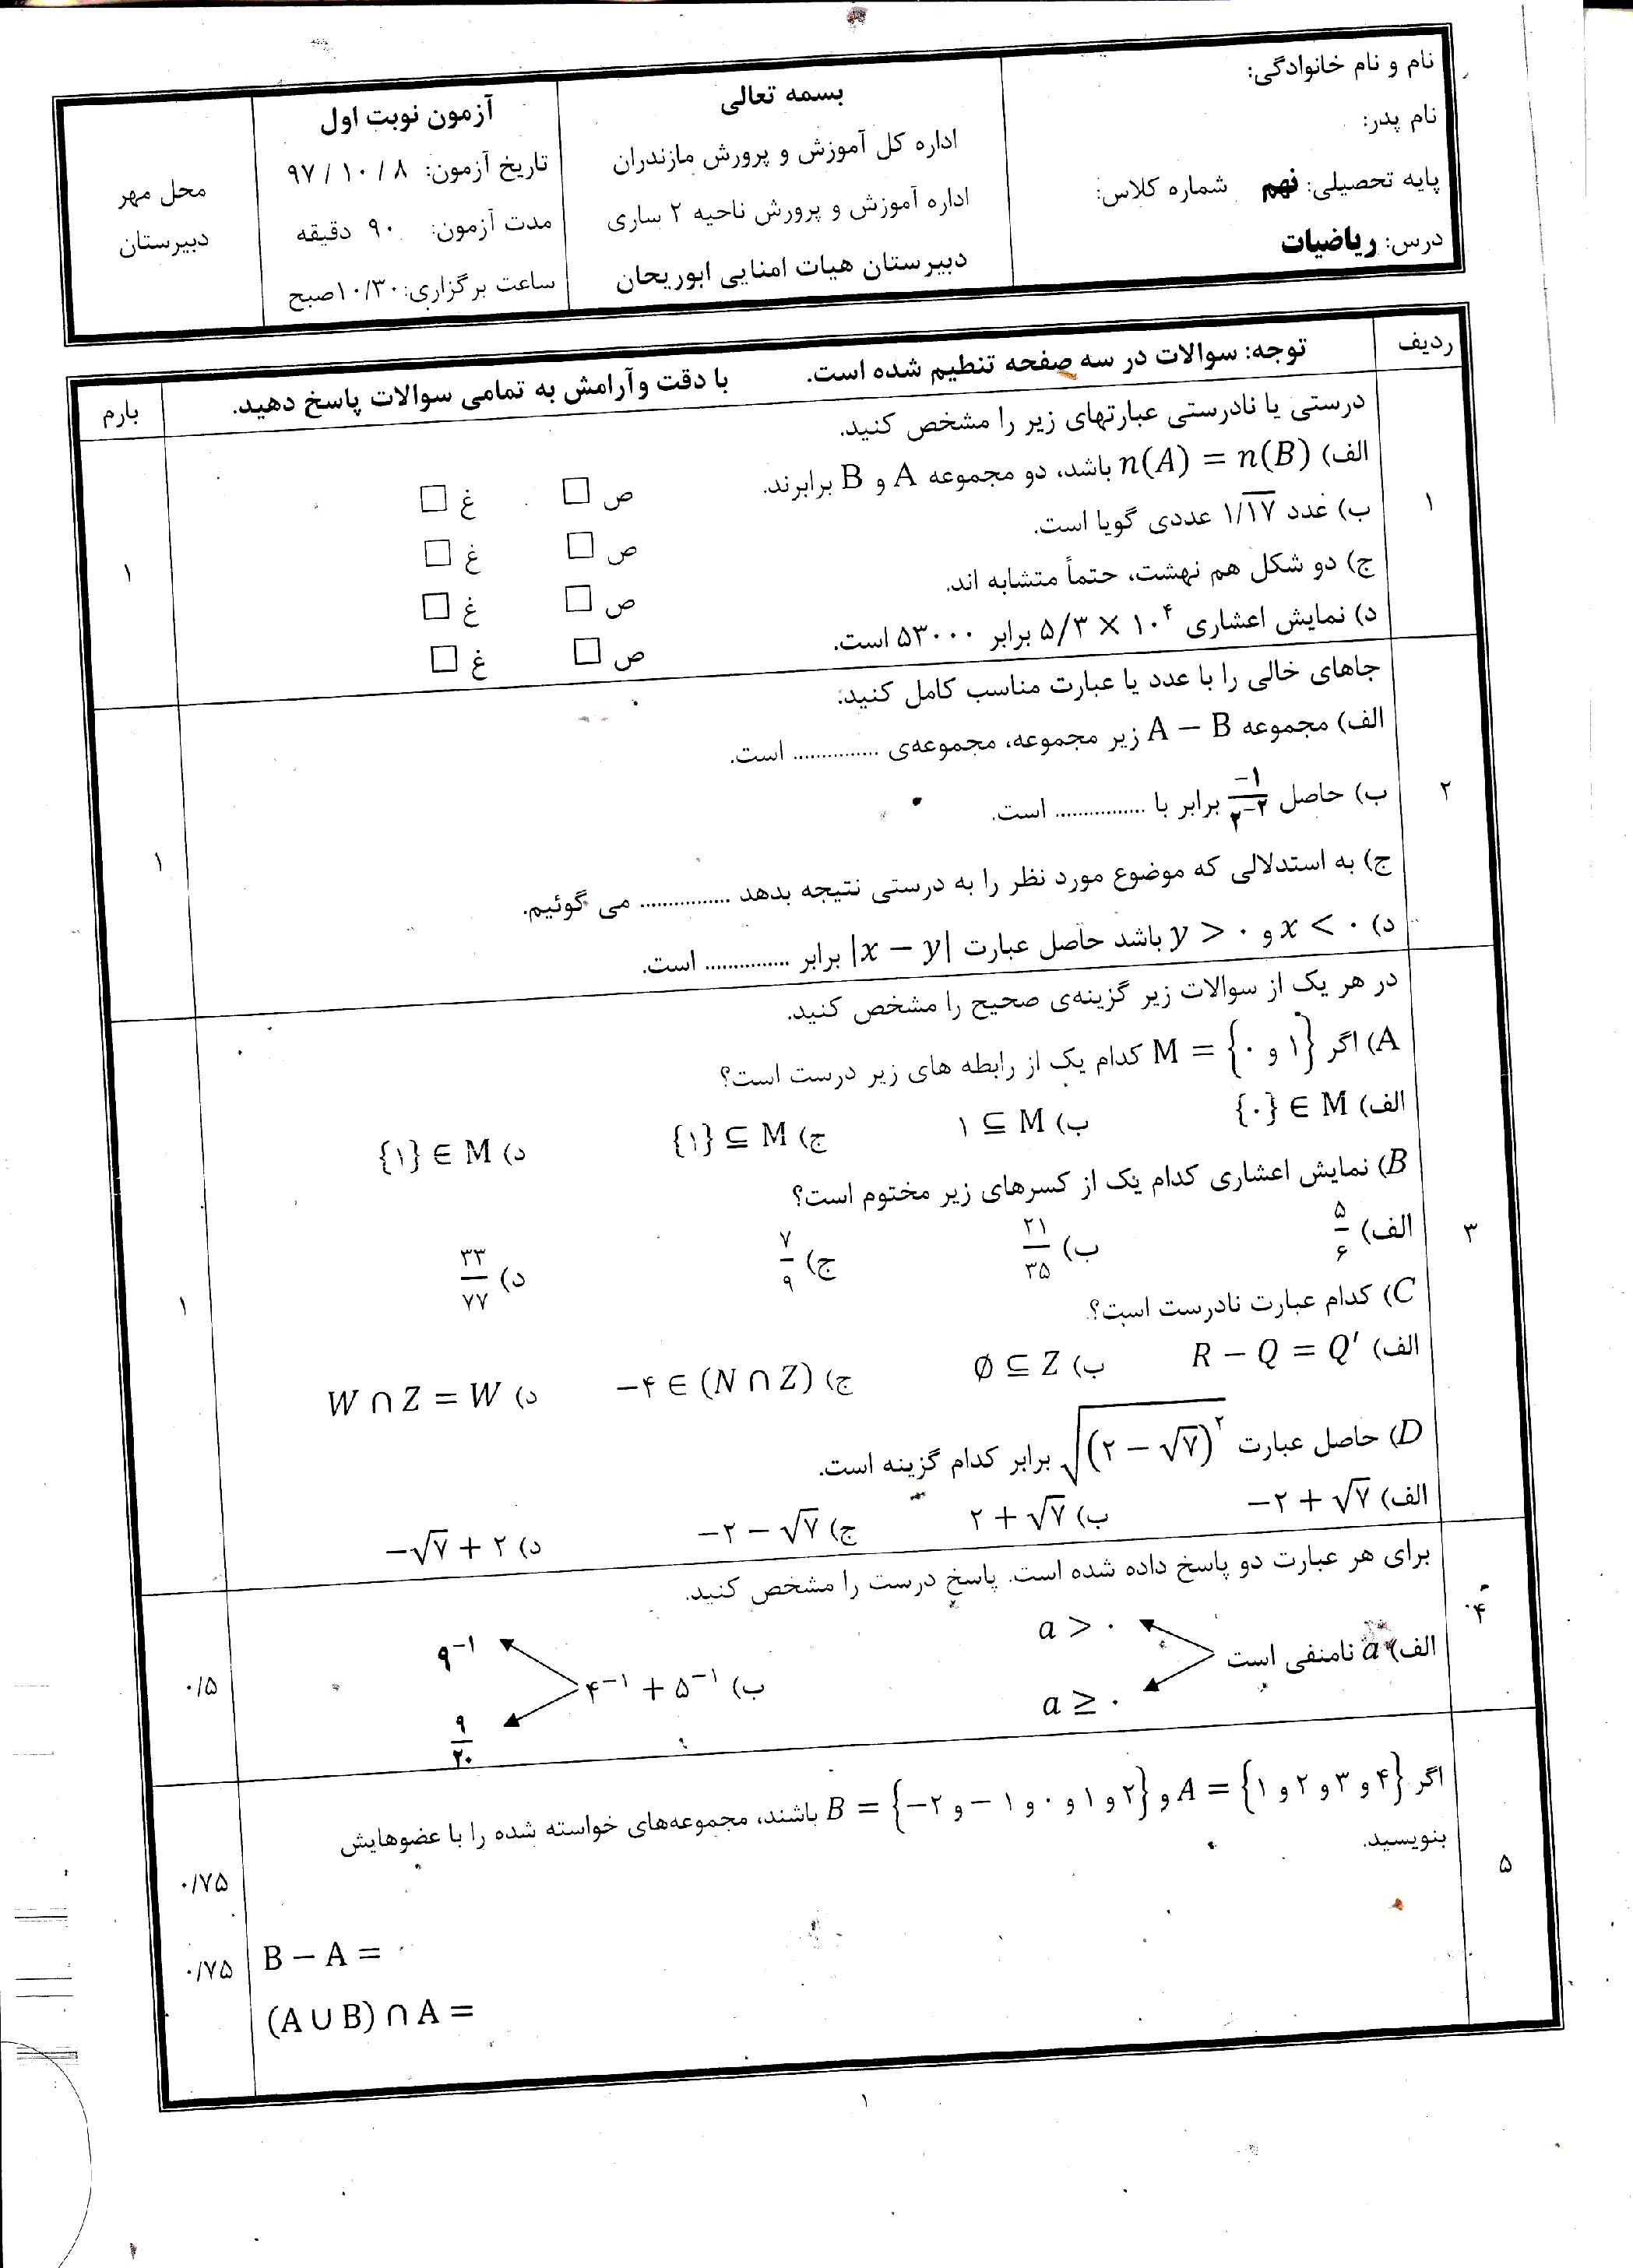 سوالات امتحان ترم اول دیماه 97 ریاضی نهم دبیرستان ابوریحان ساری